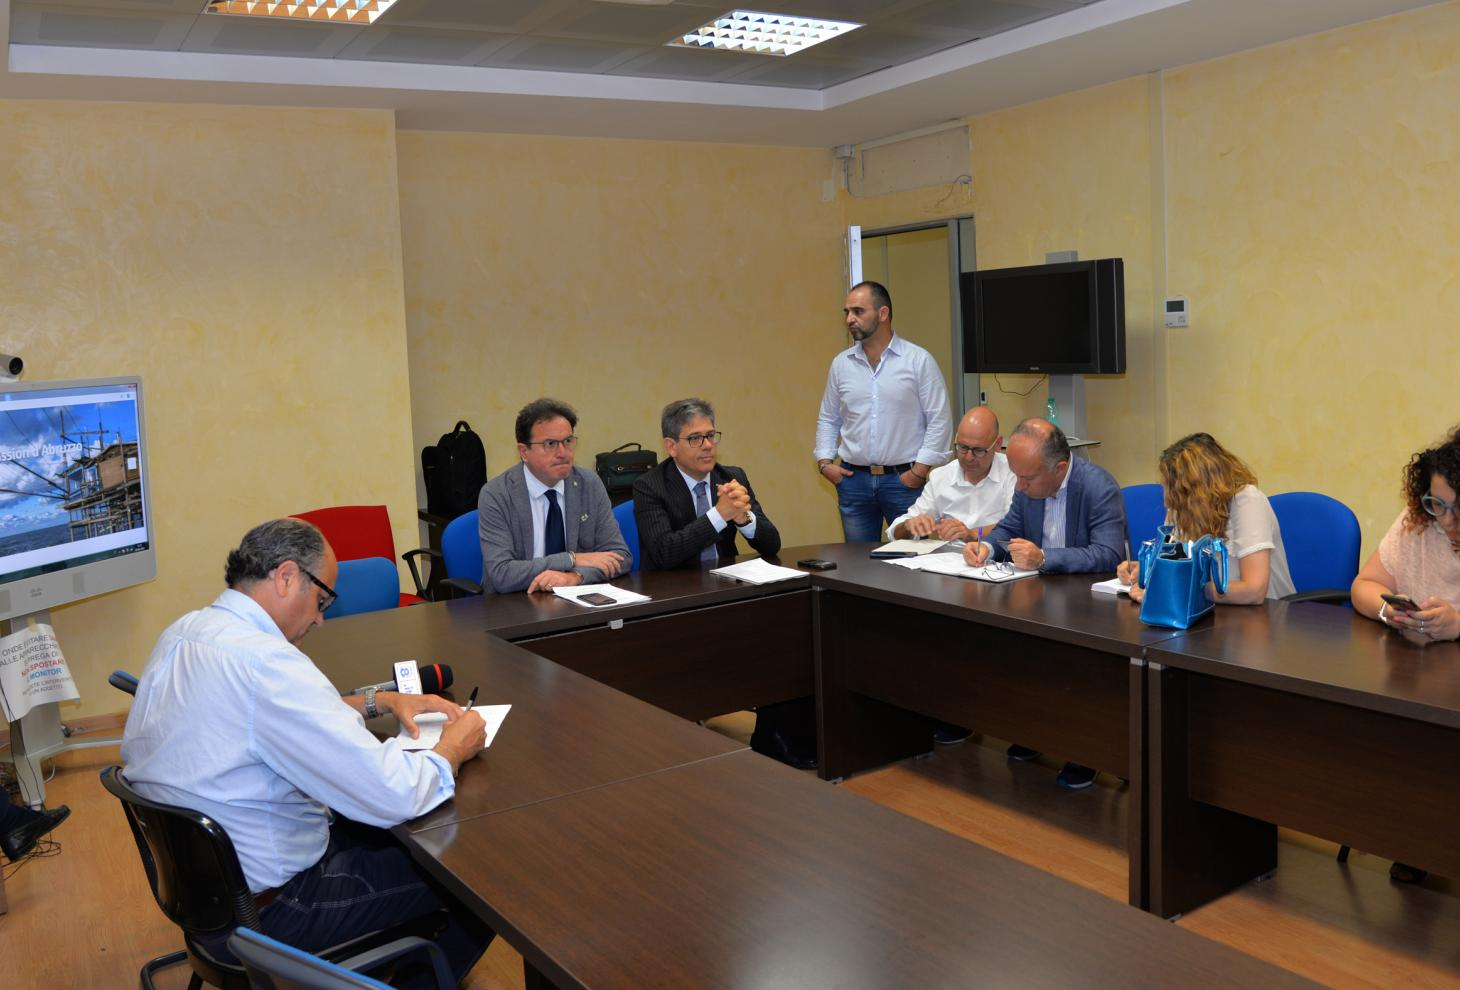 Presentazione del sito Film Commission d'Abruzzo